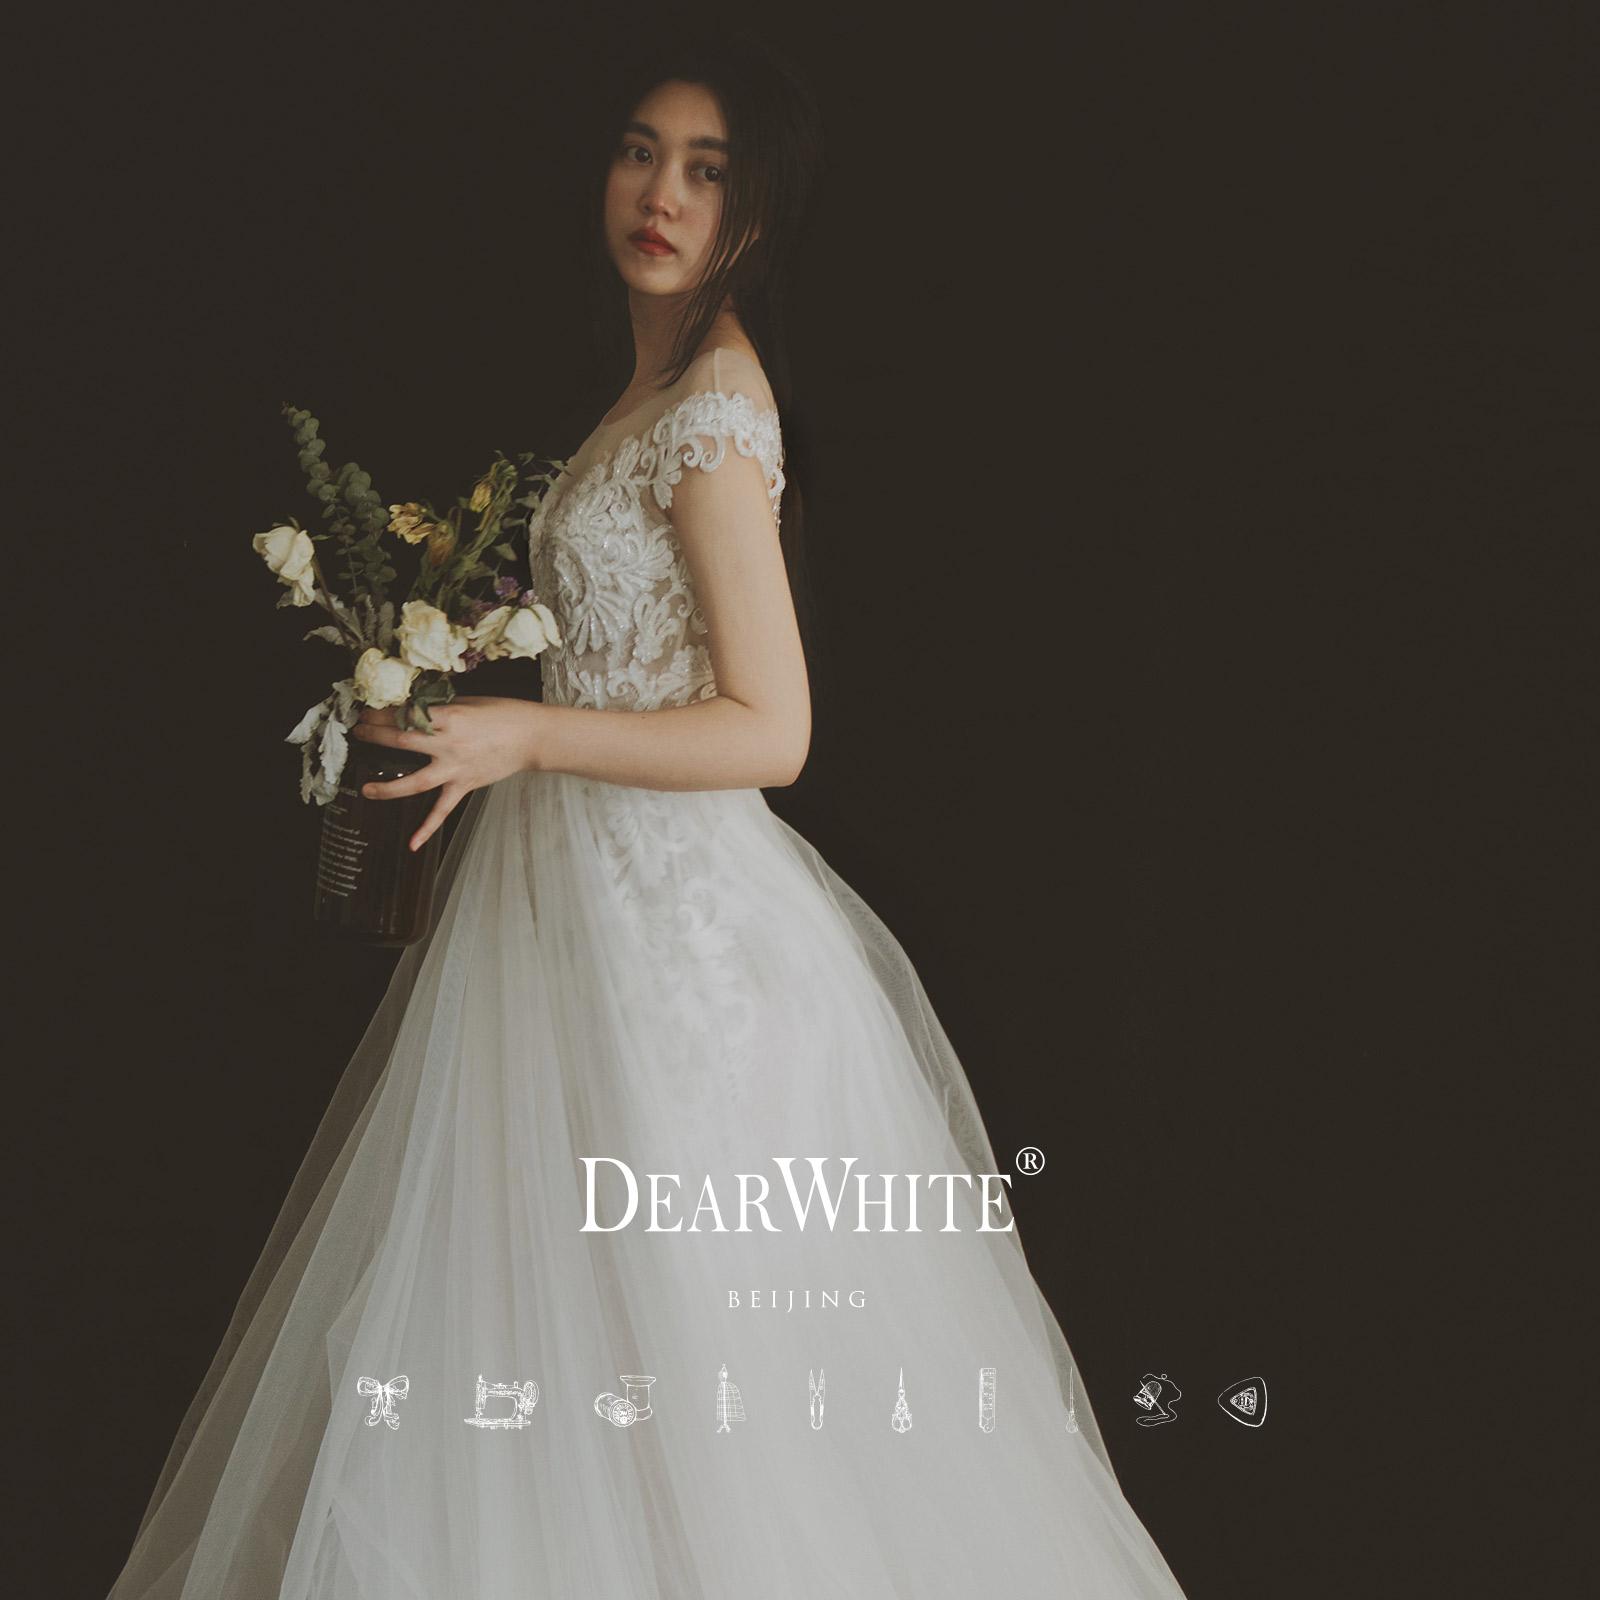 Свадебное платье Дорогой белый Оригинальный подлинный dearwhite свадьба платье молния бригады Fei месяца выстрелил свет лужайки кружева свадебное платье